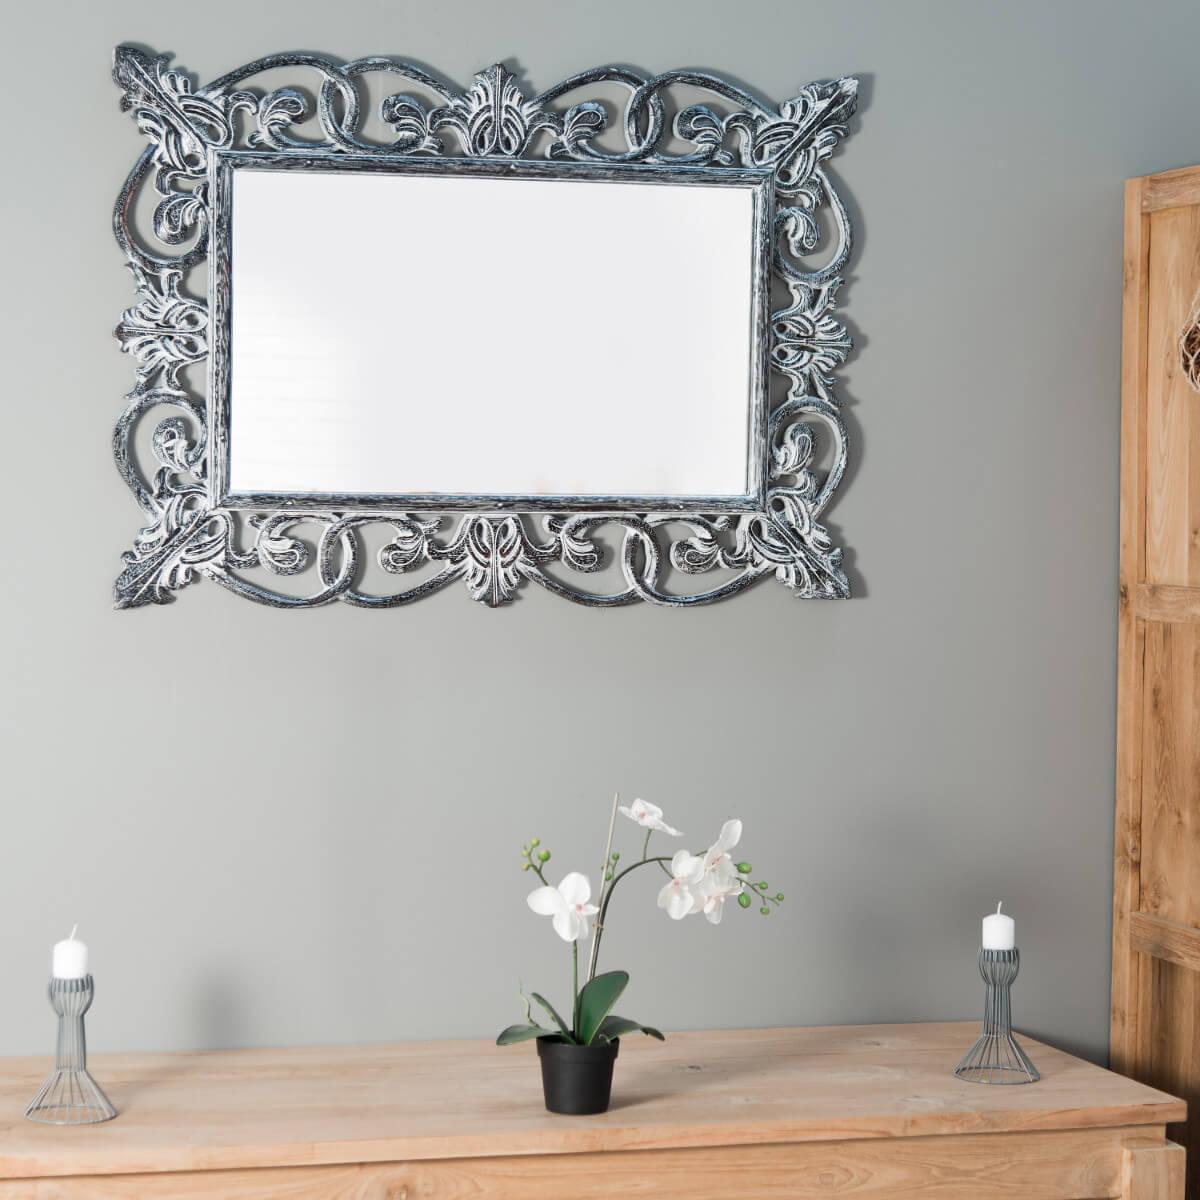 miroir de d coration en bois massif cordoue rectangulaire bois patin c rus argent d. Black Bedroom Furniture Sets. Home Design Ideas